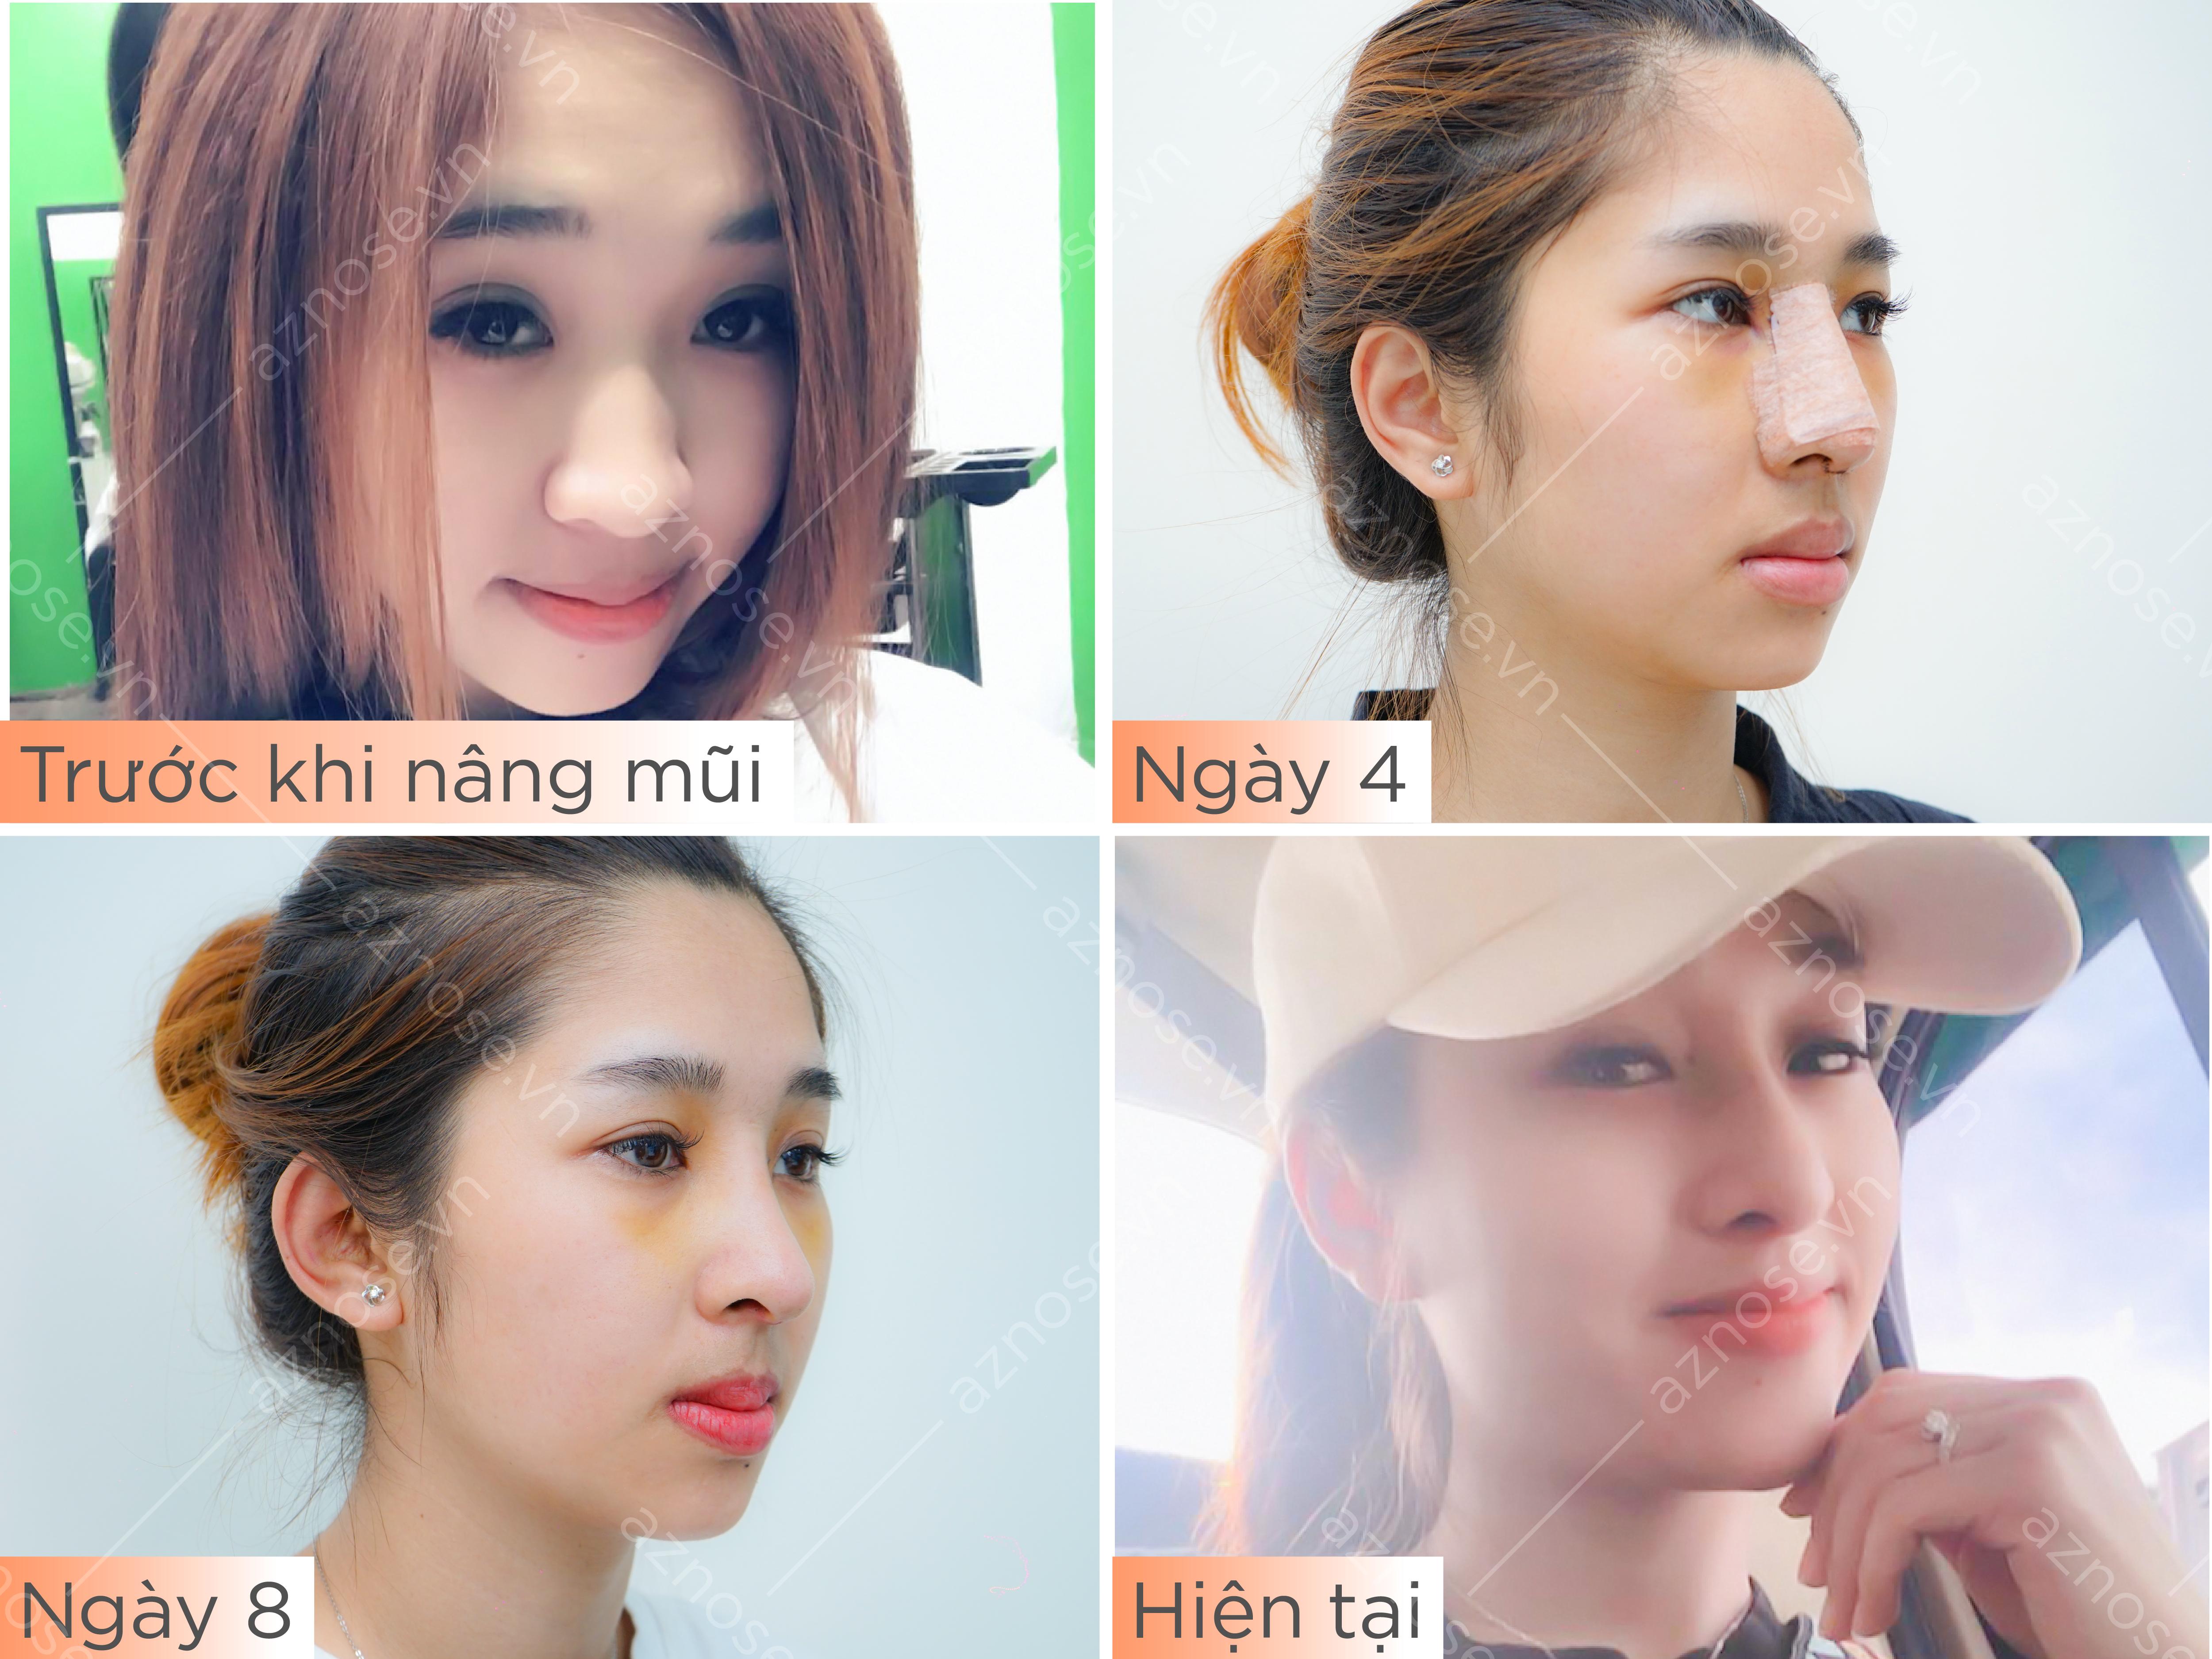 Hành trình nâng mũi của khách hàng Ngọc Huê tại Phòng khám chuyên sâu nâng mũi AZ NOSE